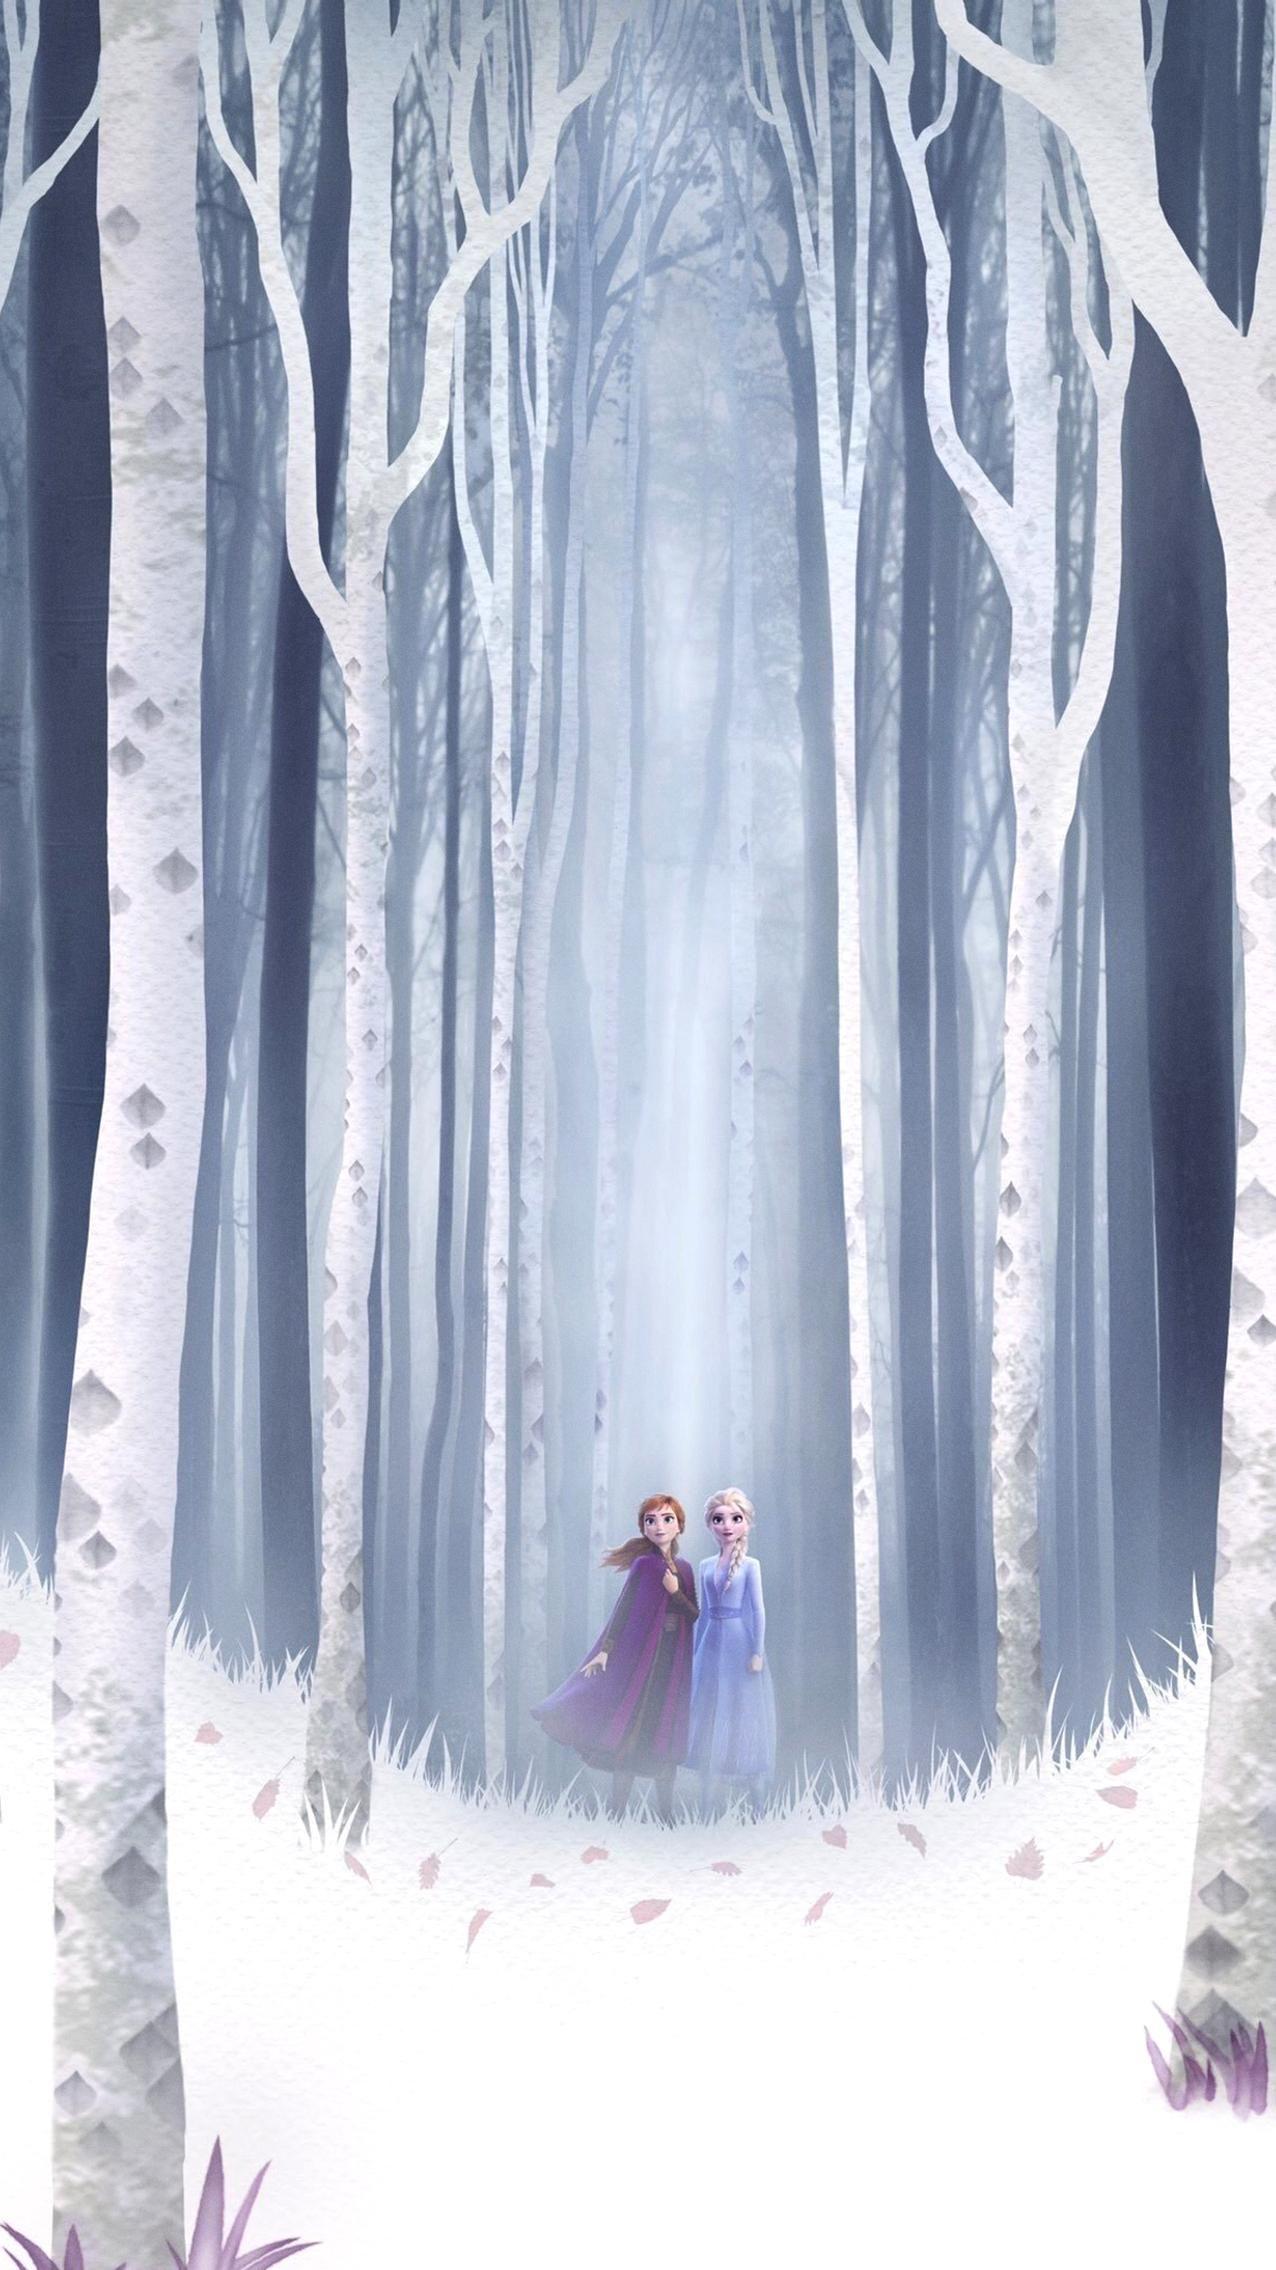 Frozen ii 2019 phone wallpaper